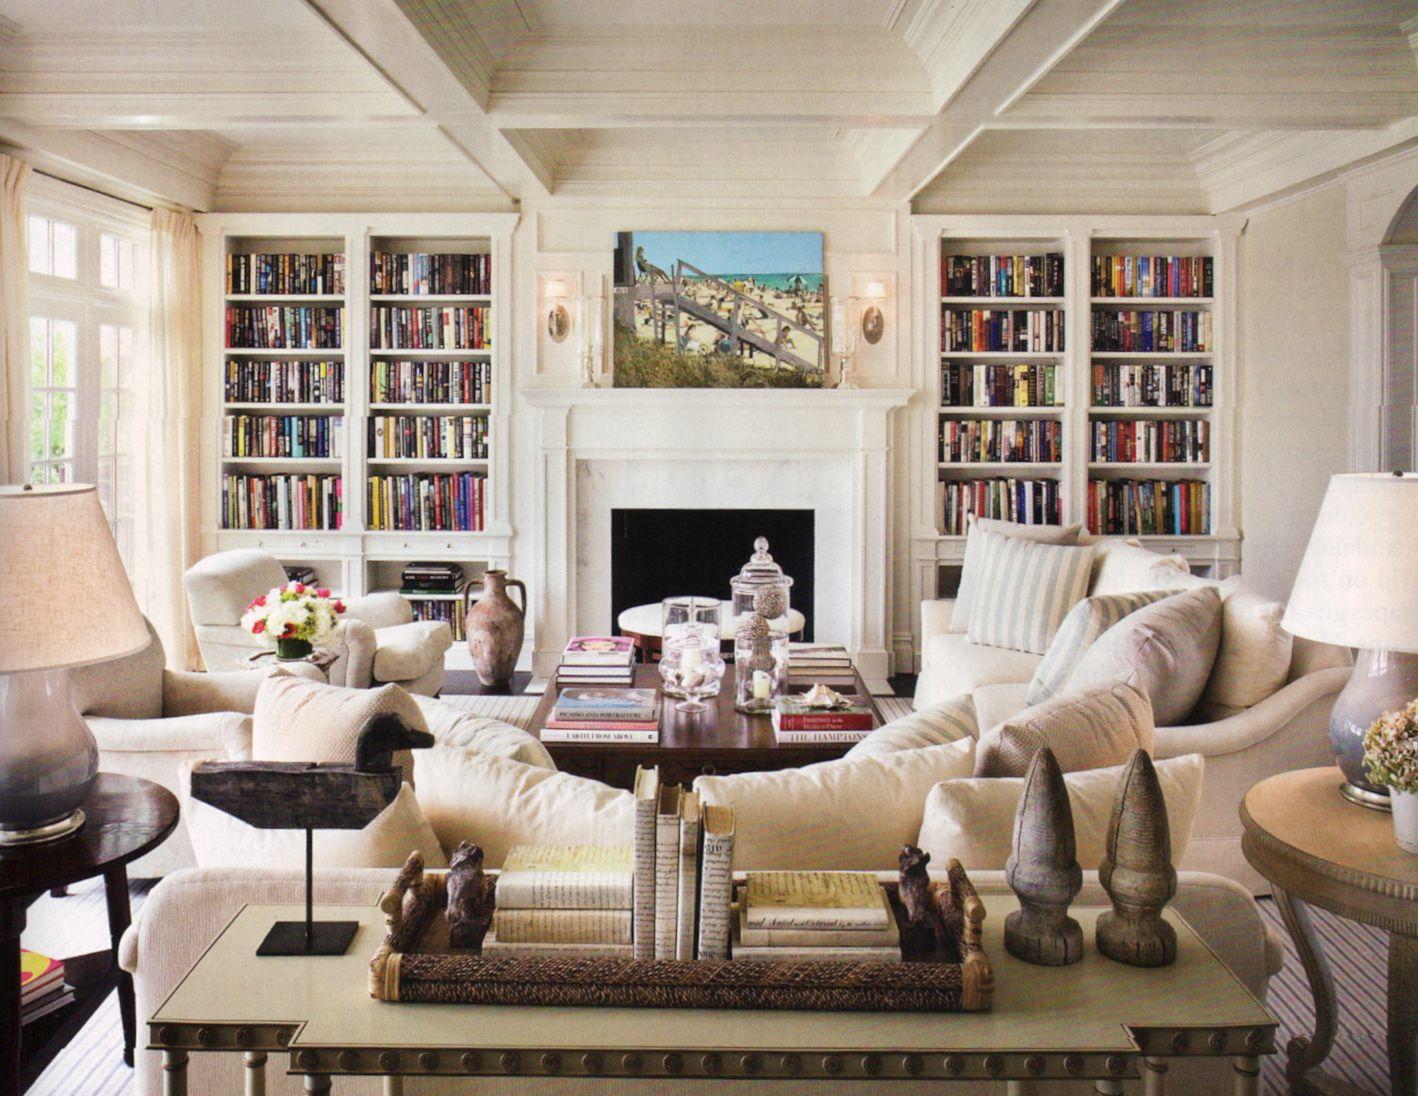 Superb US Interior Designs: ALEXA HAMPTON ~ INTERIOR DESIGN IN THE HAMPTONS